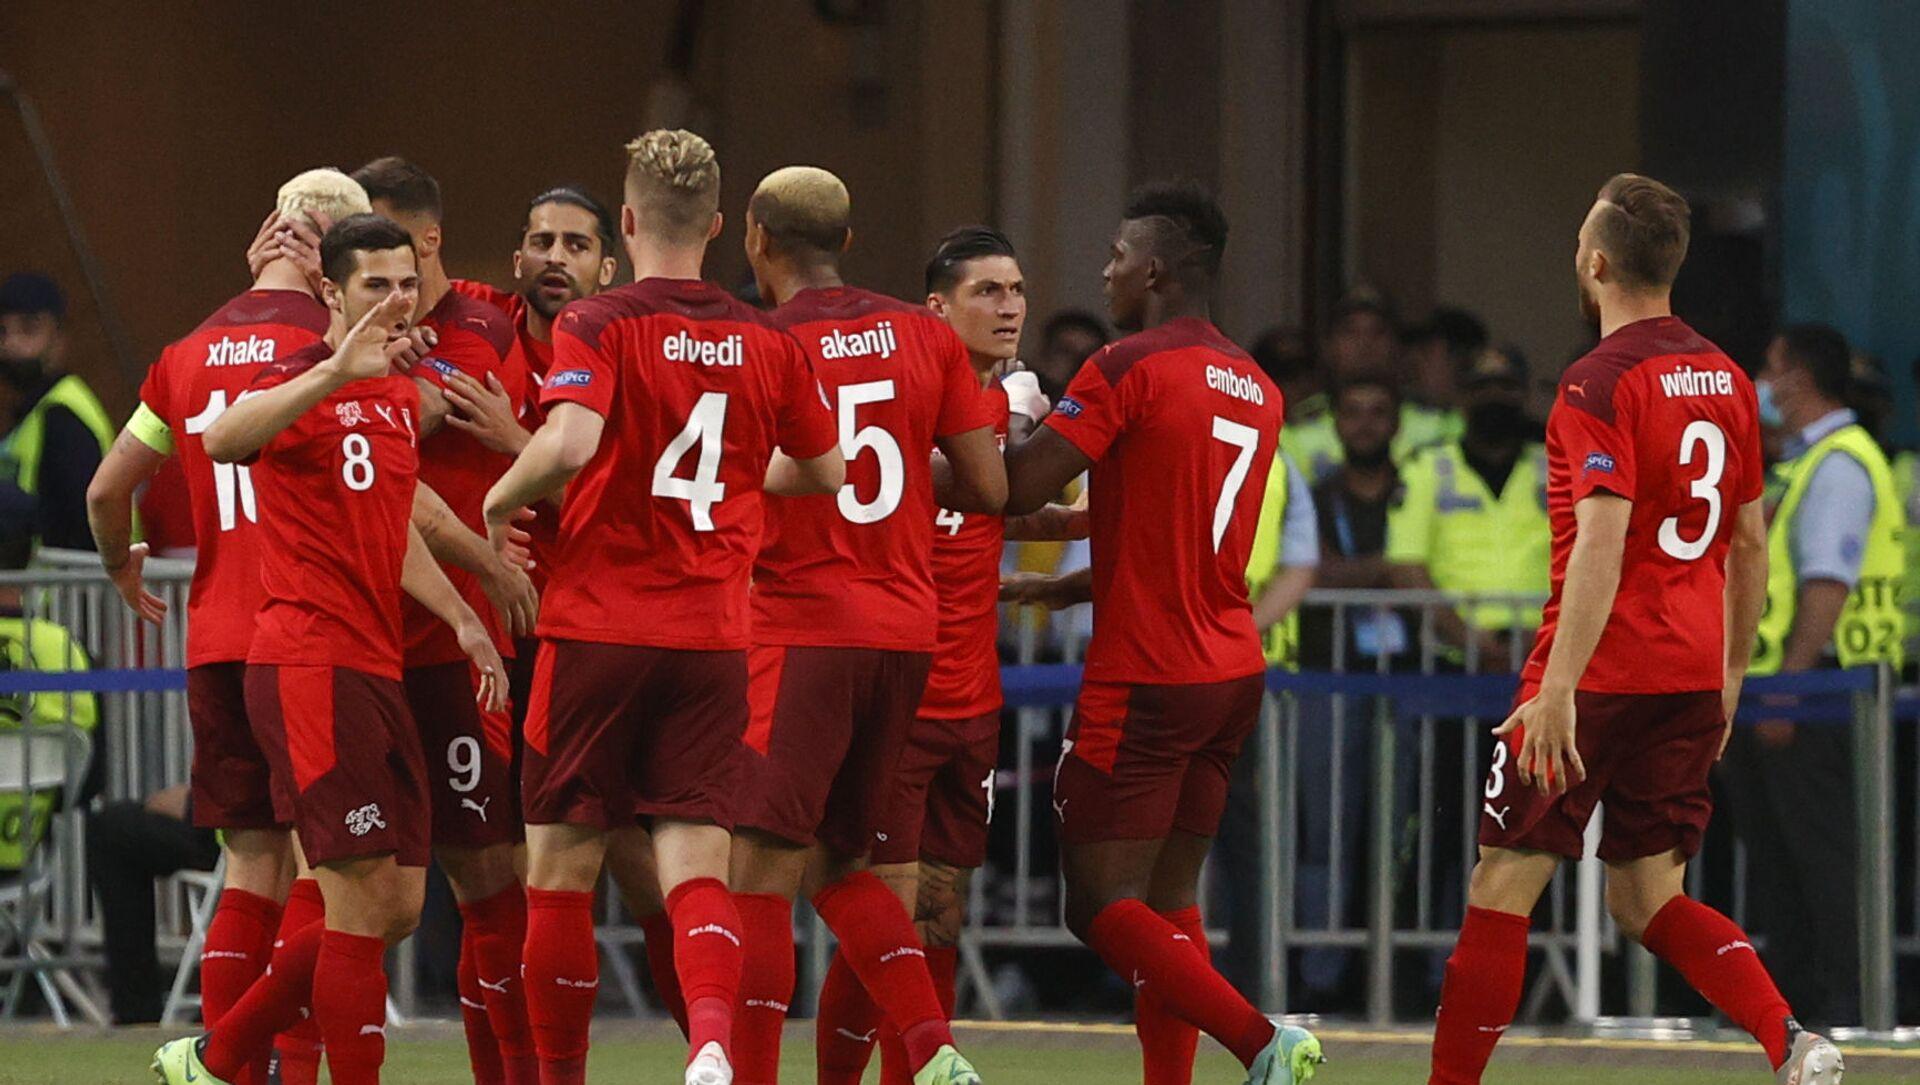 Trận đấu vòng bảng của Giải Vô địch Bóng đá châu Âu EURO 2020 giữa đội tuyển Thụy Sĩ và đội tuyển Thổ Nhĩ Kỳ - Sputnik Việt Nam, 1920, 21.06.2021